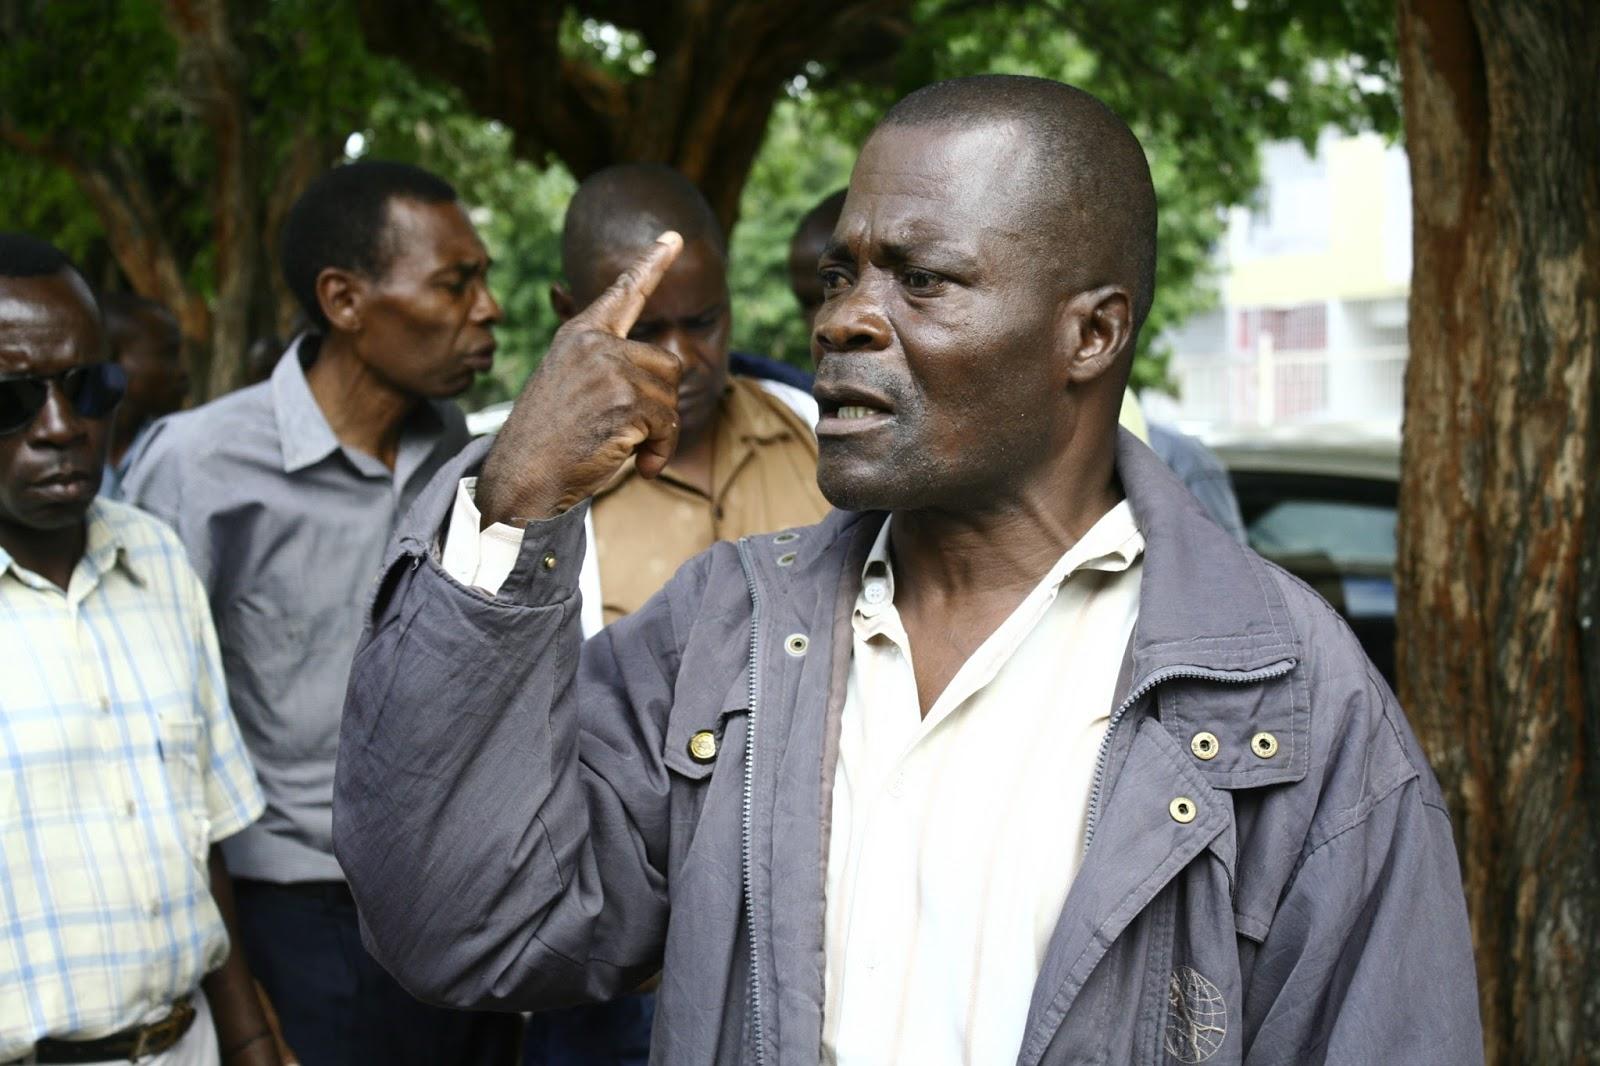 MORREU, na madrugada de ontem, na sua residência, na Machava, província de Maputo, o ex-combatente Hermínio dos Santos, vítima de doença, aos 59 anos de